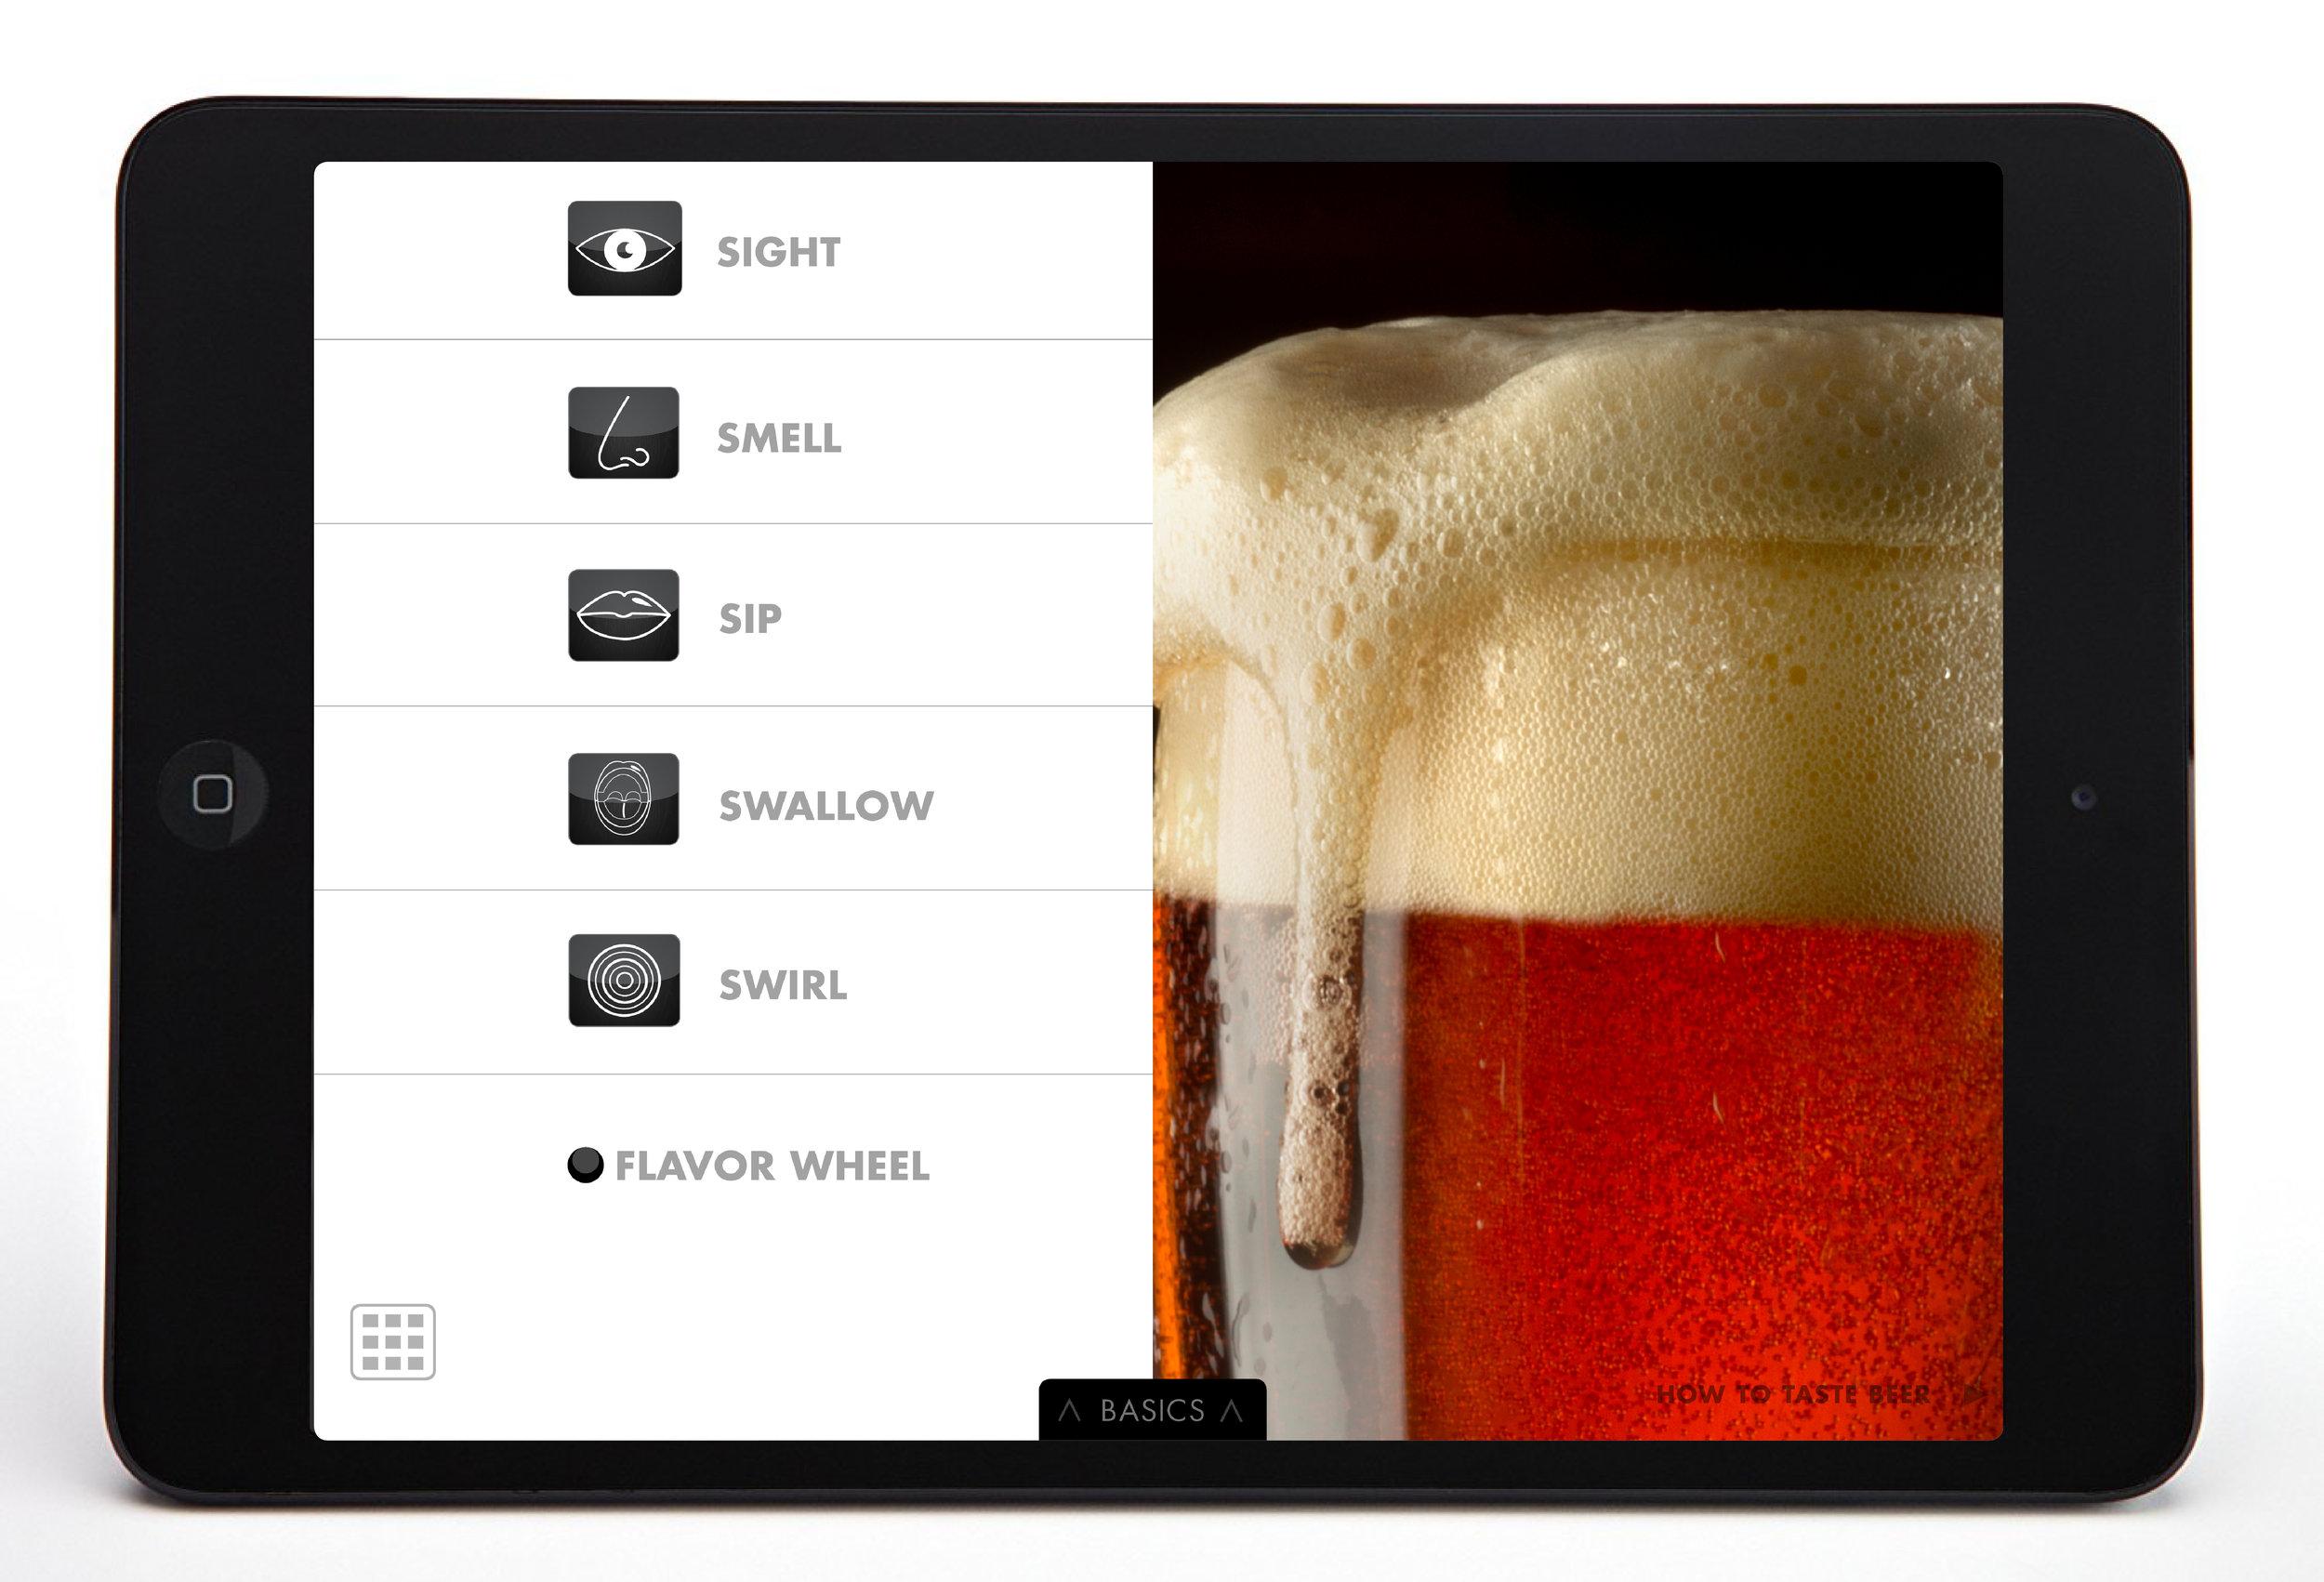 Heineken-food&beer pairing-interactive book12.jpg